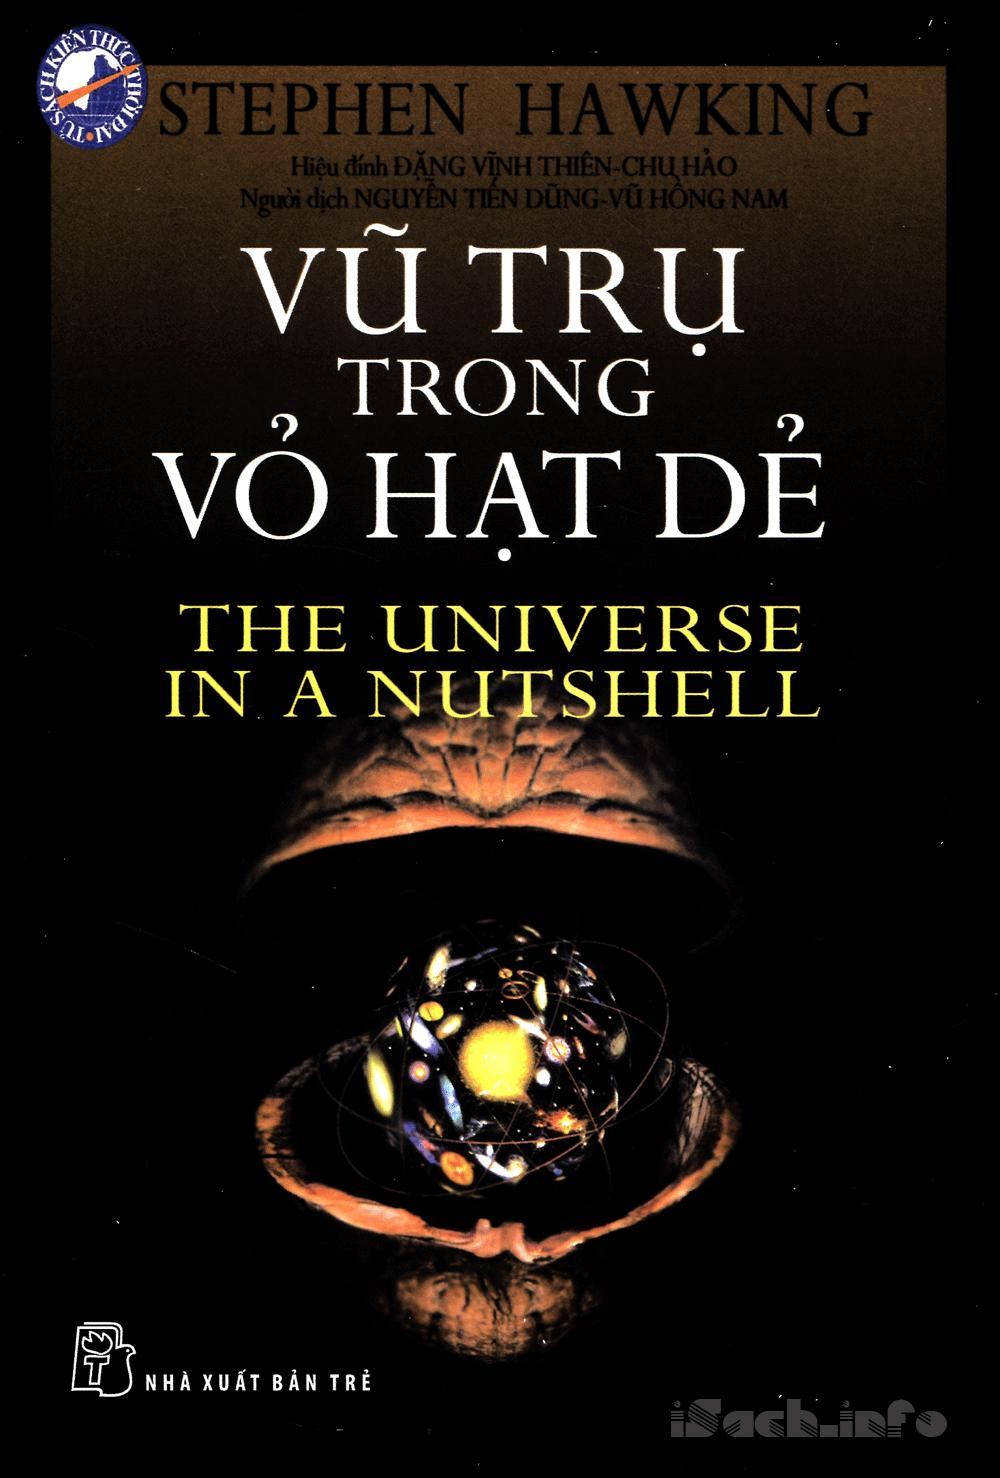 Kết quả hình ảnh cho vũ trụ trong vỏ hạt dẻ